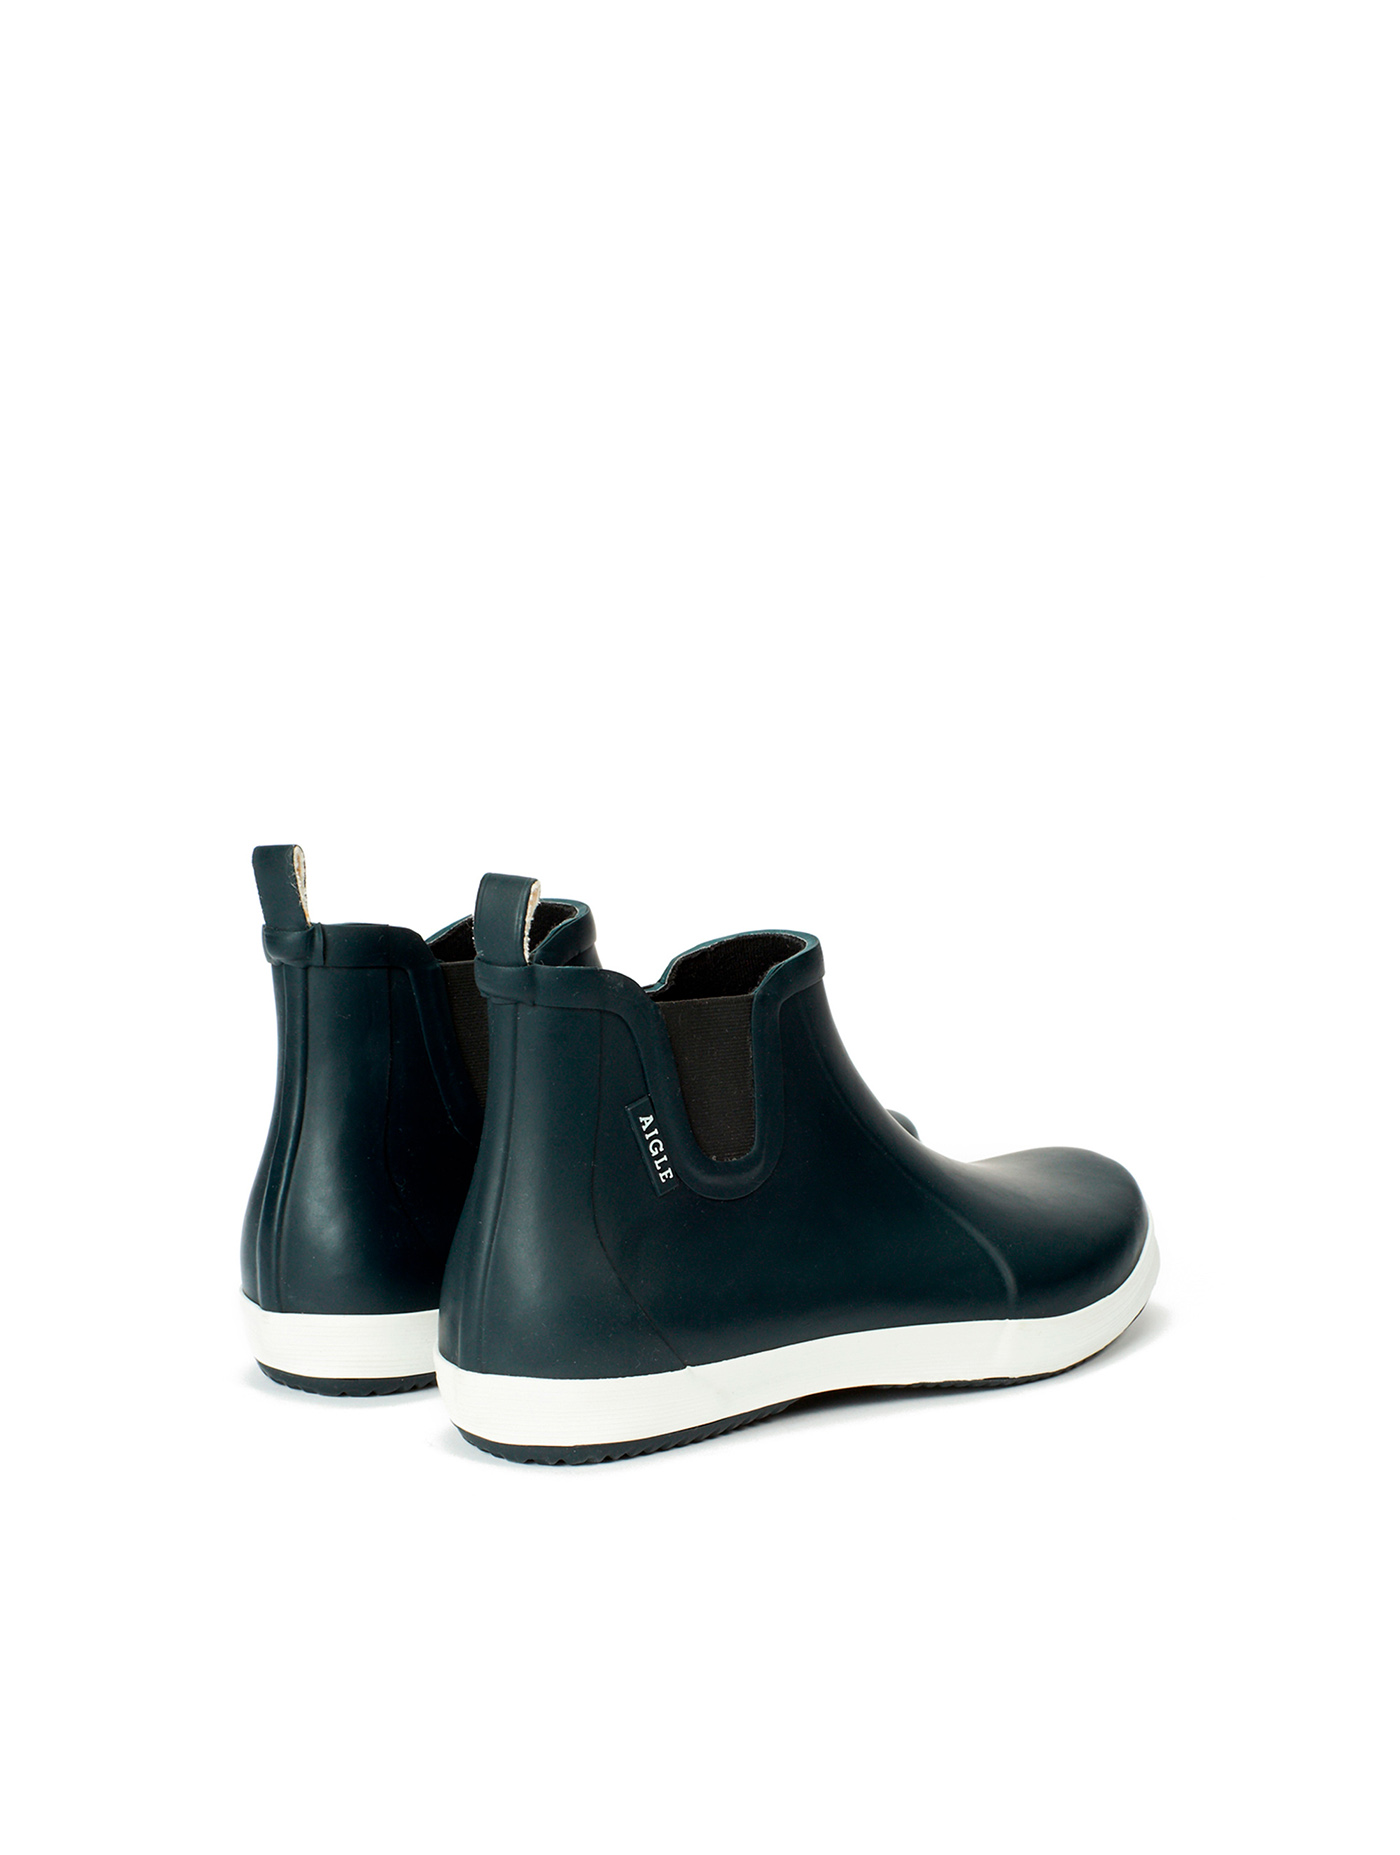 be2c7166405 MALOUIN CHELSEA | Men's rubber ankle boots Marine/blanc | Aiglemen ...